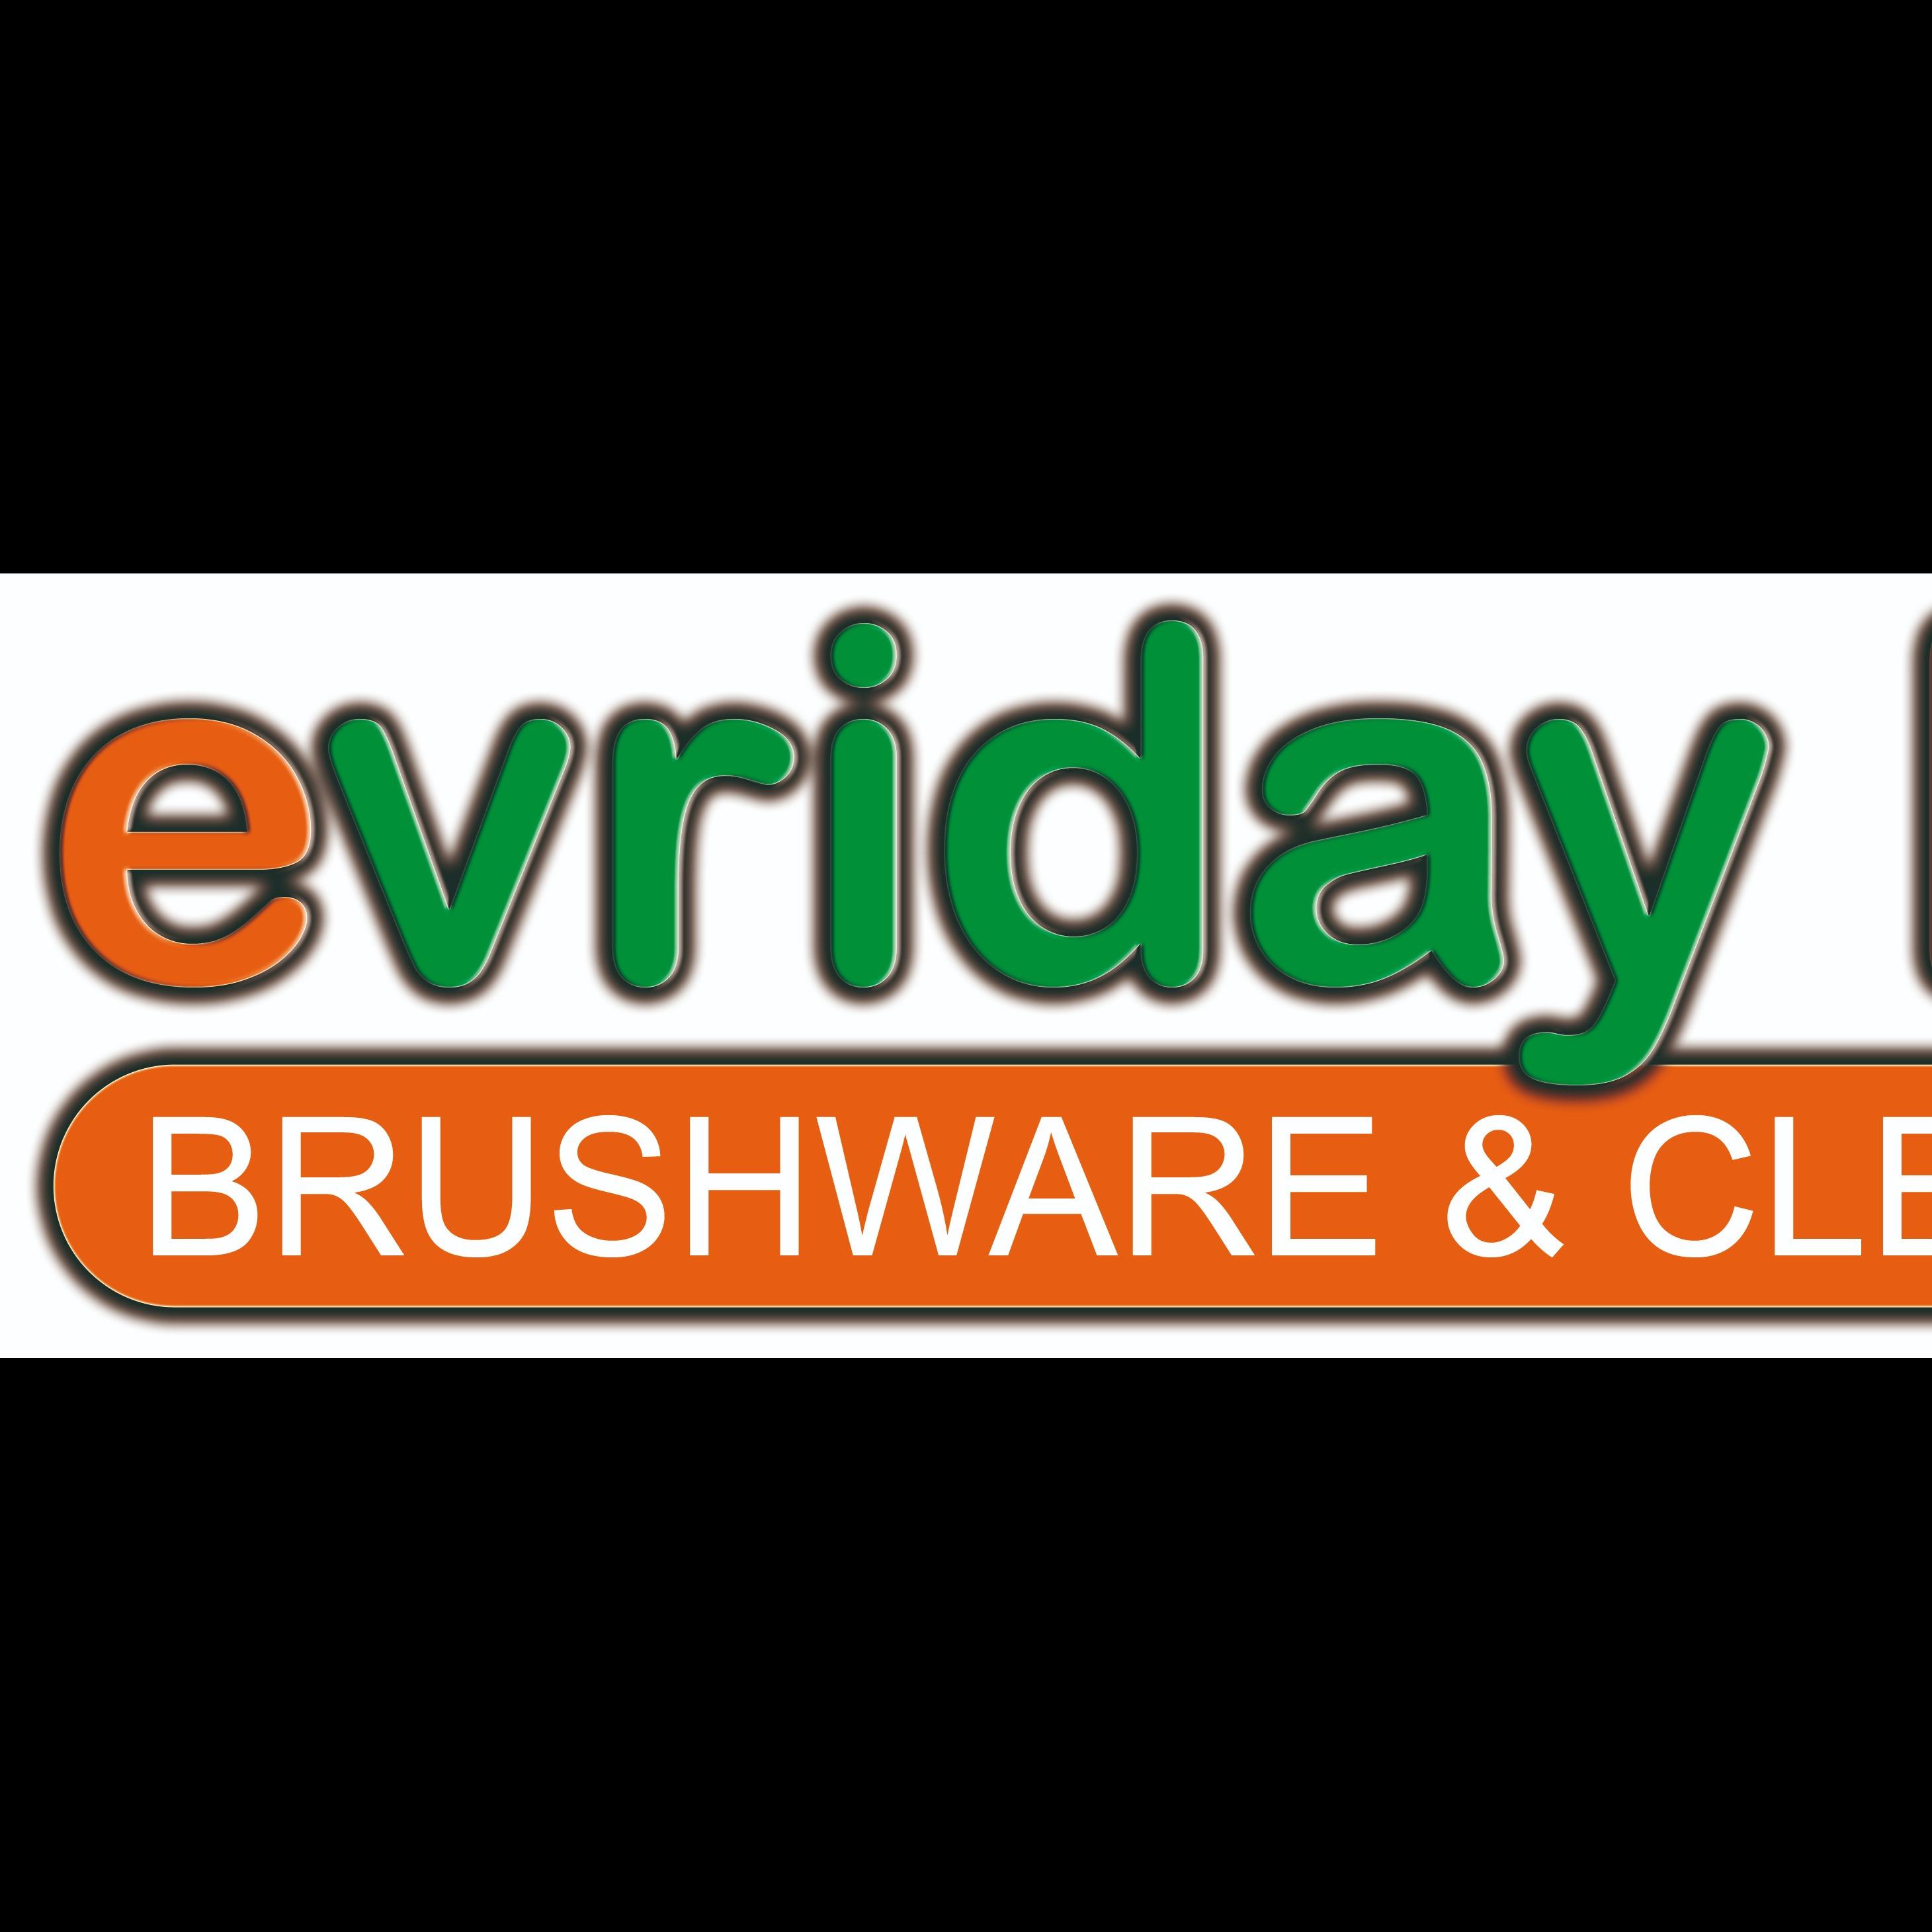 Evriday Brushes Hamilton